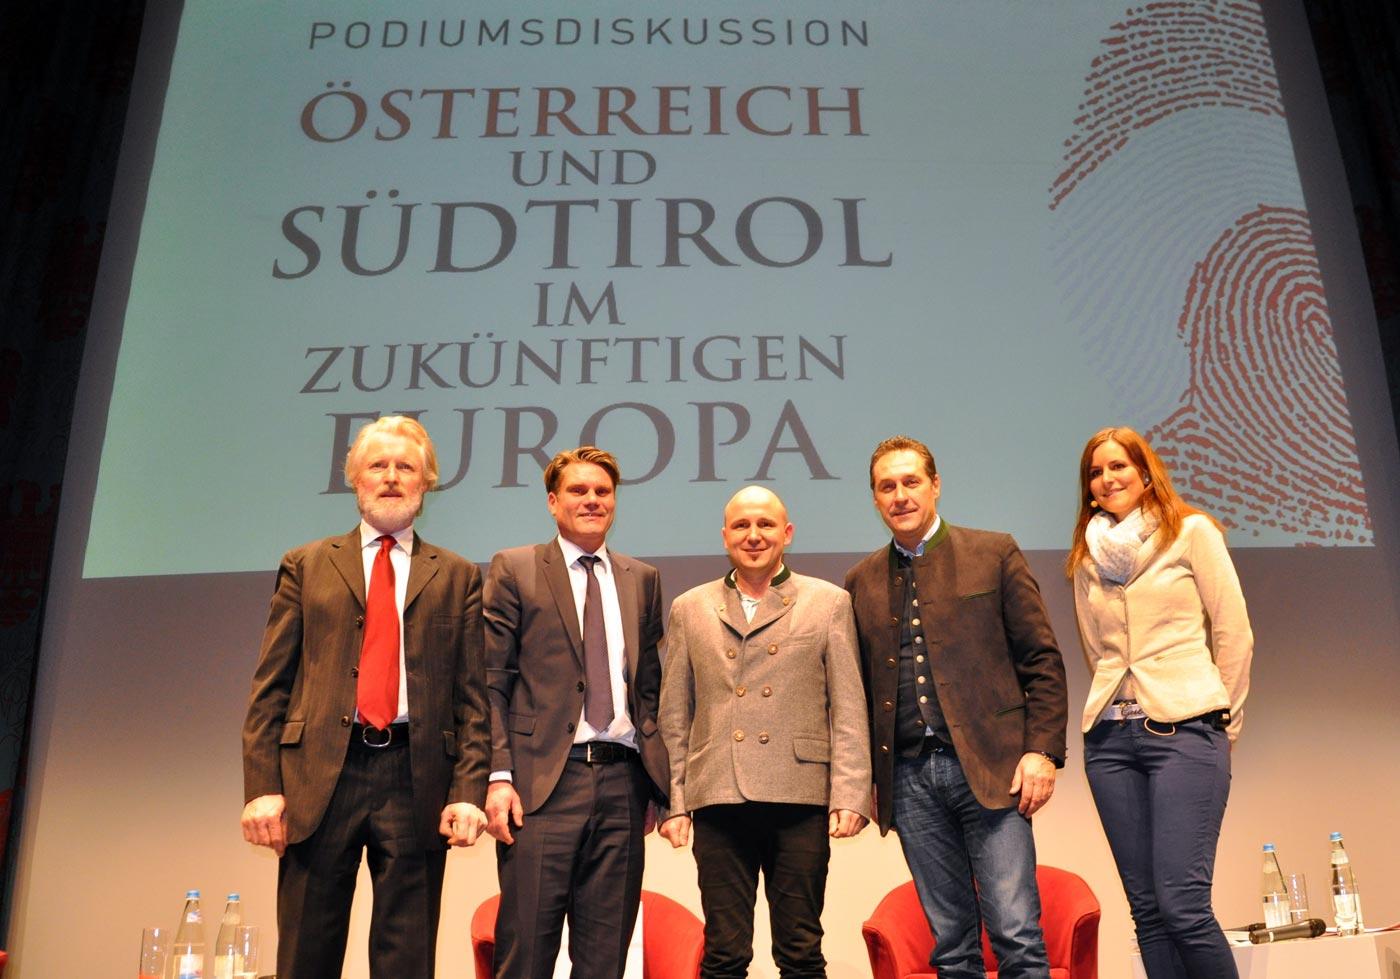 Österreich und Südtirol im zukünftigen Europa – klare Worte von H.C. Strache und Johannes Rauch